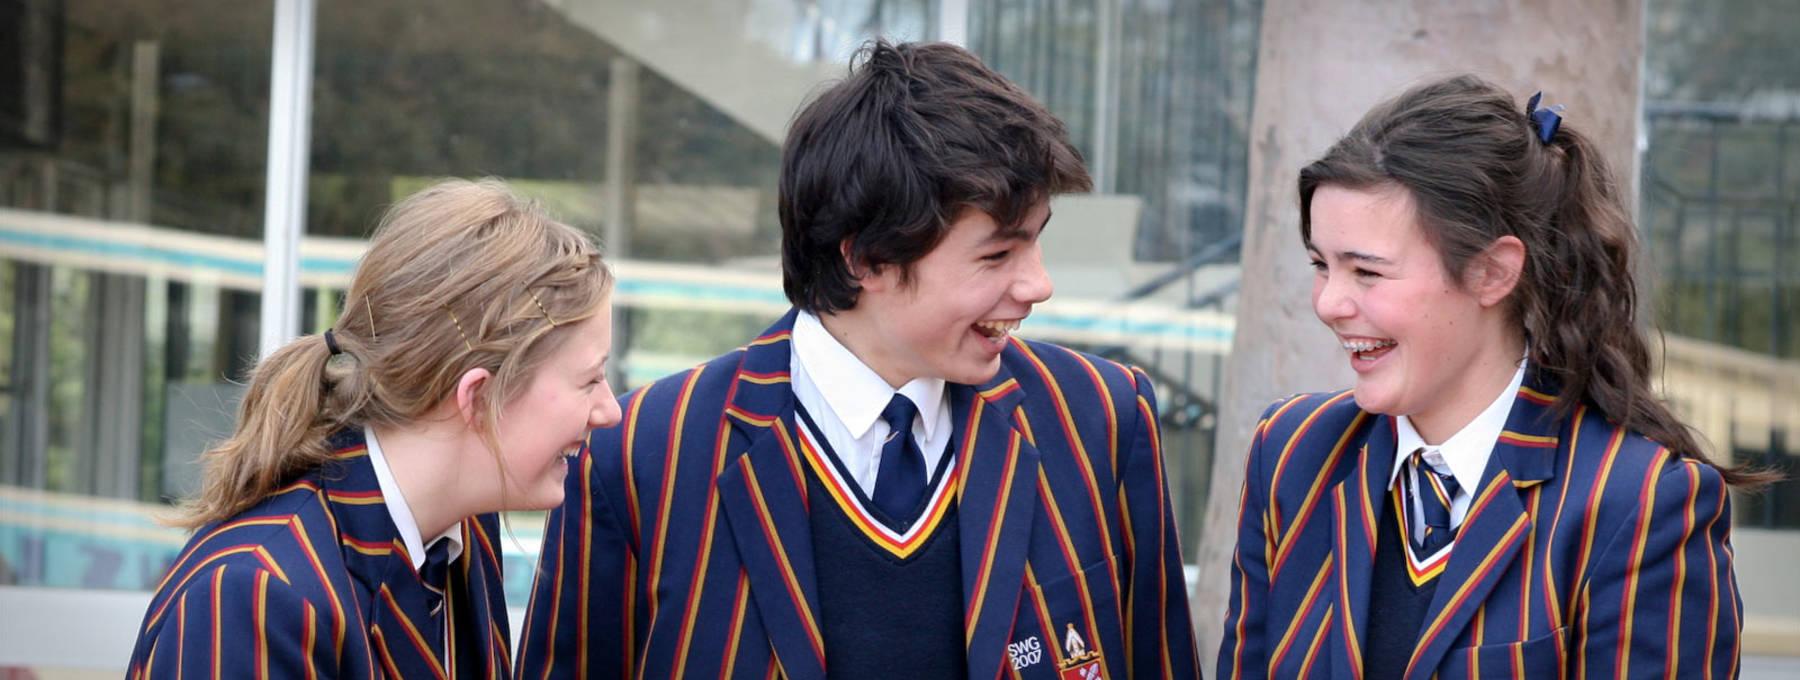 High School Travel-Tipp Schuluniform Australien